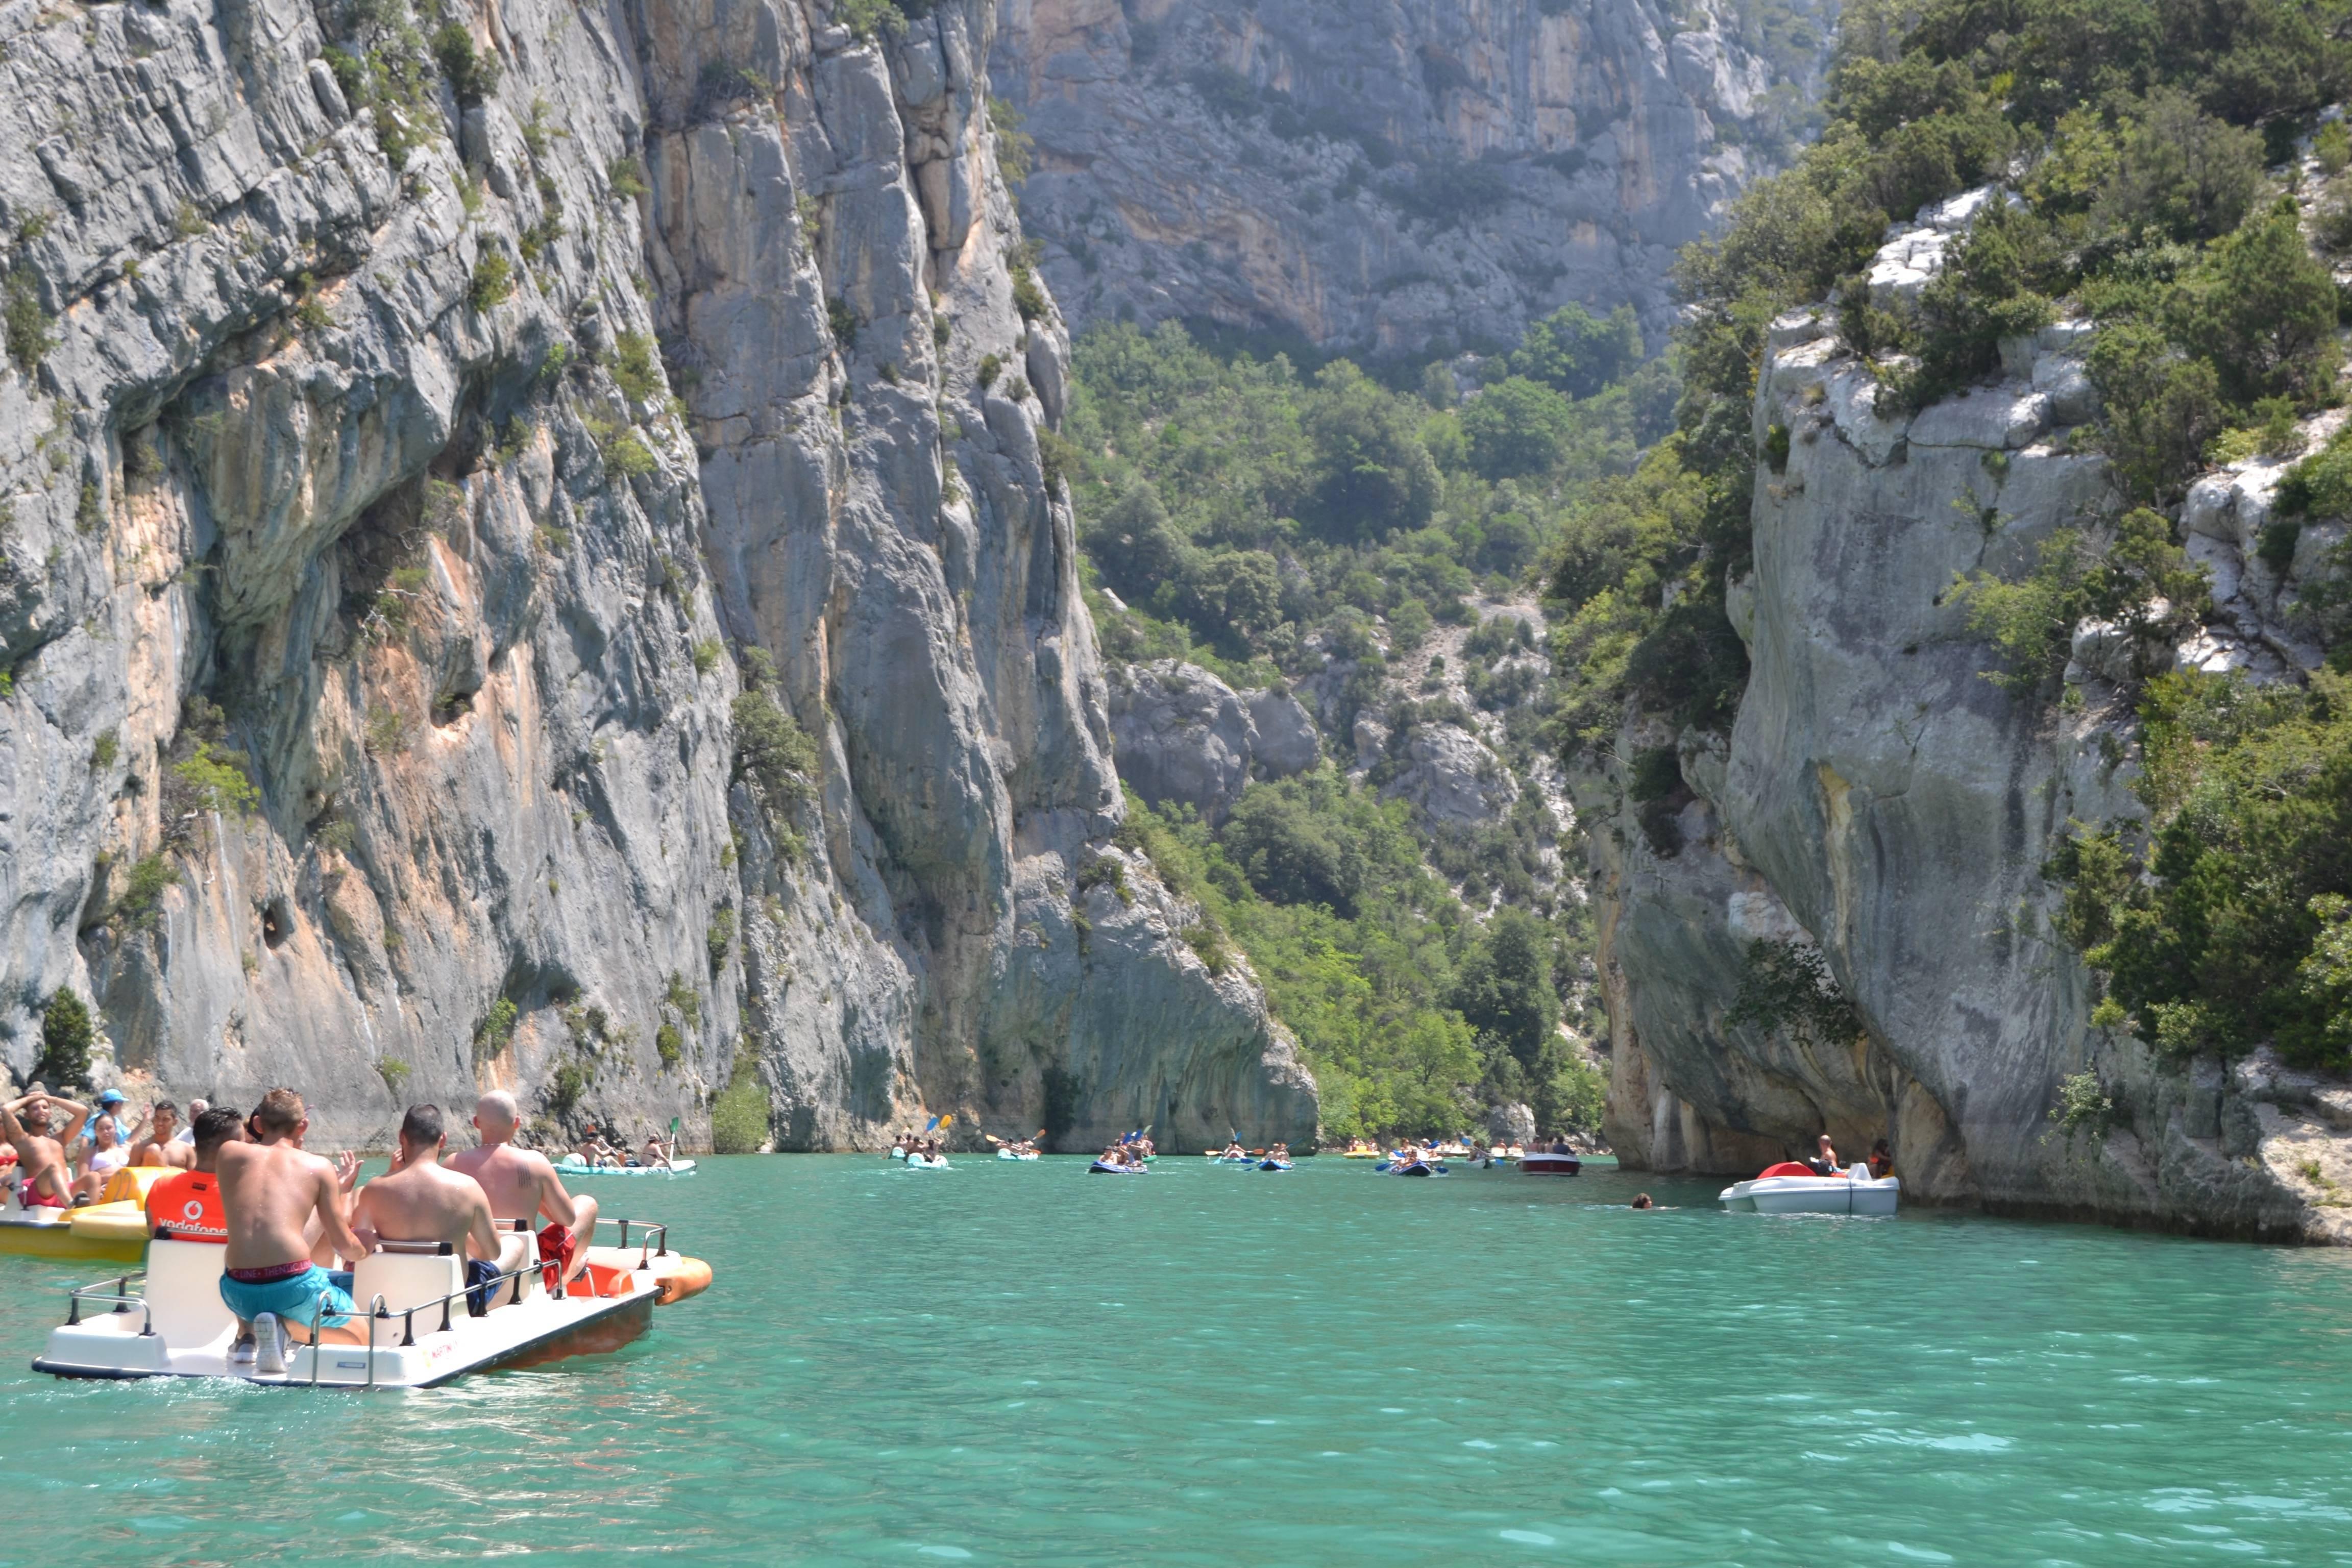 Photo 2: Baignade au lac de sainte croix dans les Gorges du Verdon